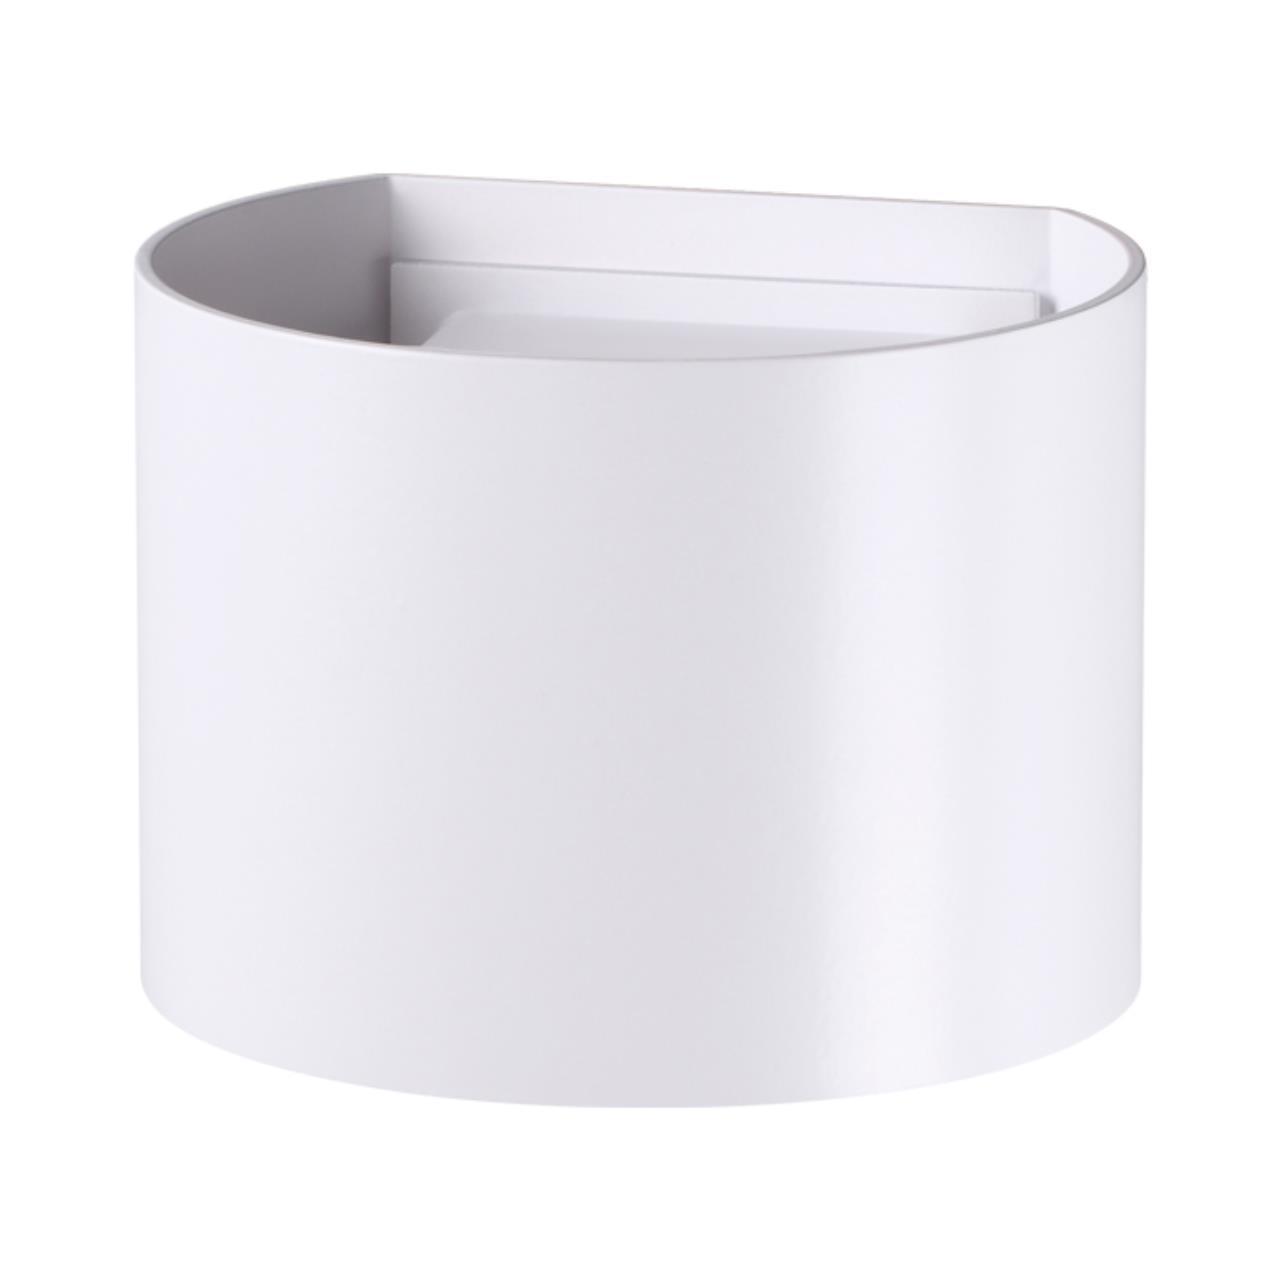 358002 STREET NT19 153 белый Ландшафтный светильник IP54 LED 3000К 2*3W 85-265V KAIMAS